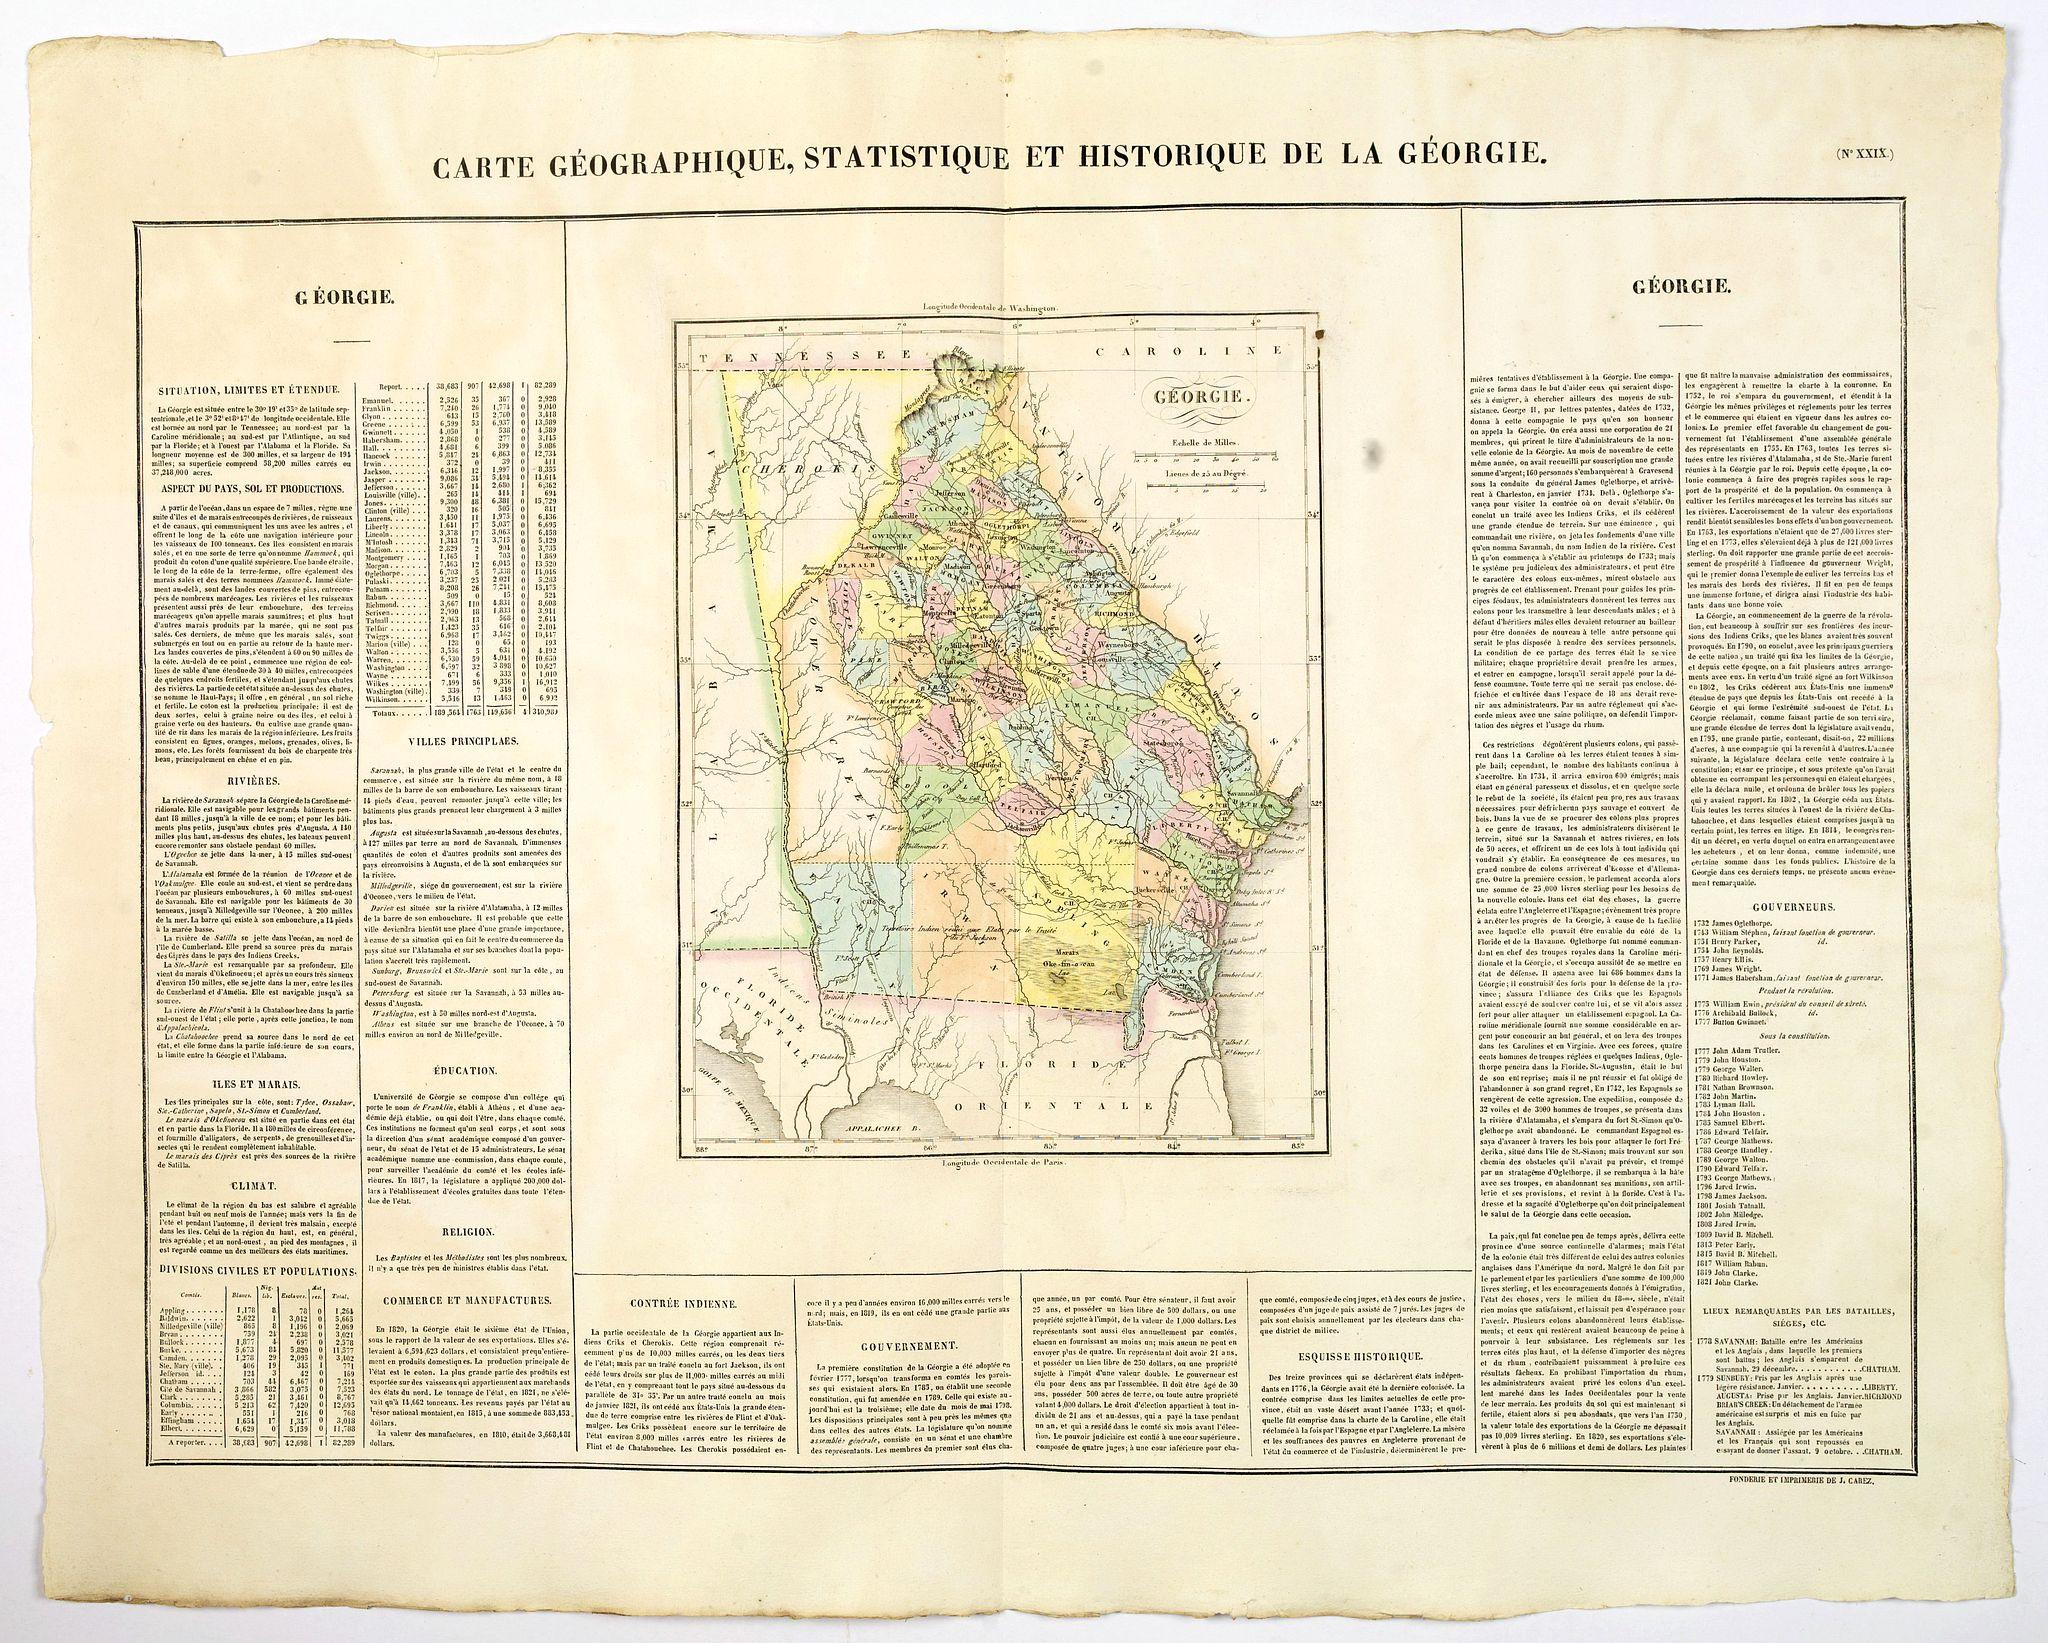 BUCHON, J.A. -  Carte Geographique, Statistique et Historique de la Georgie.